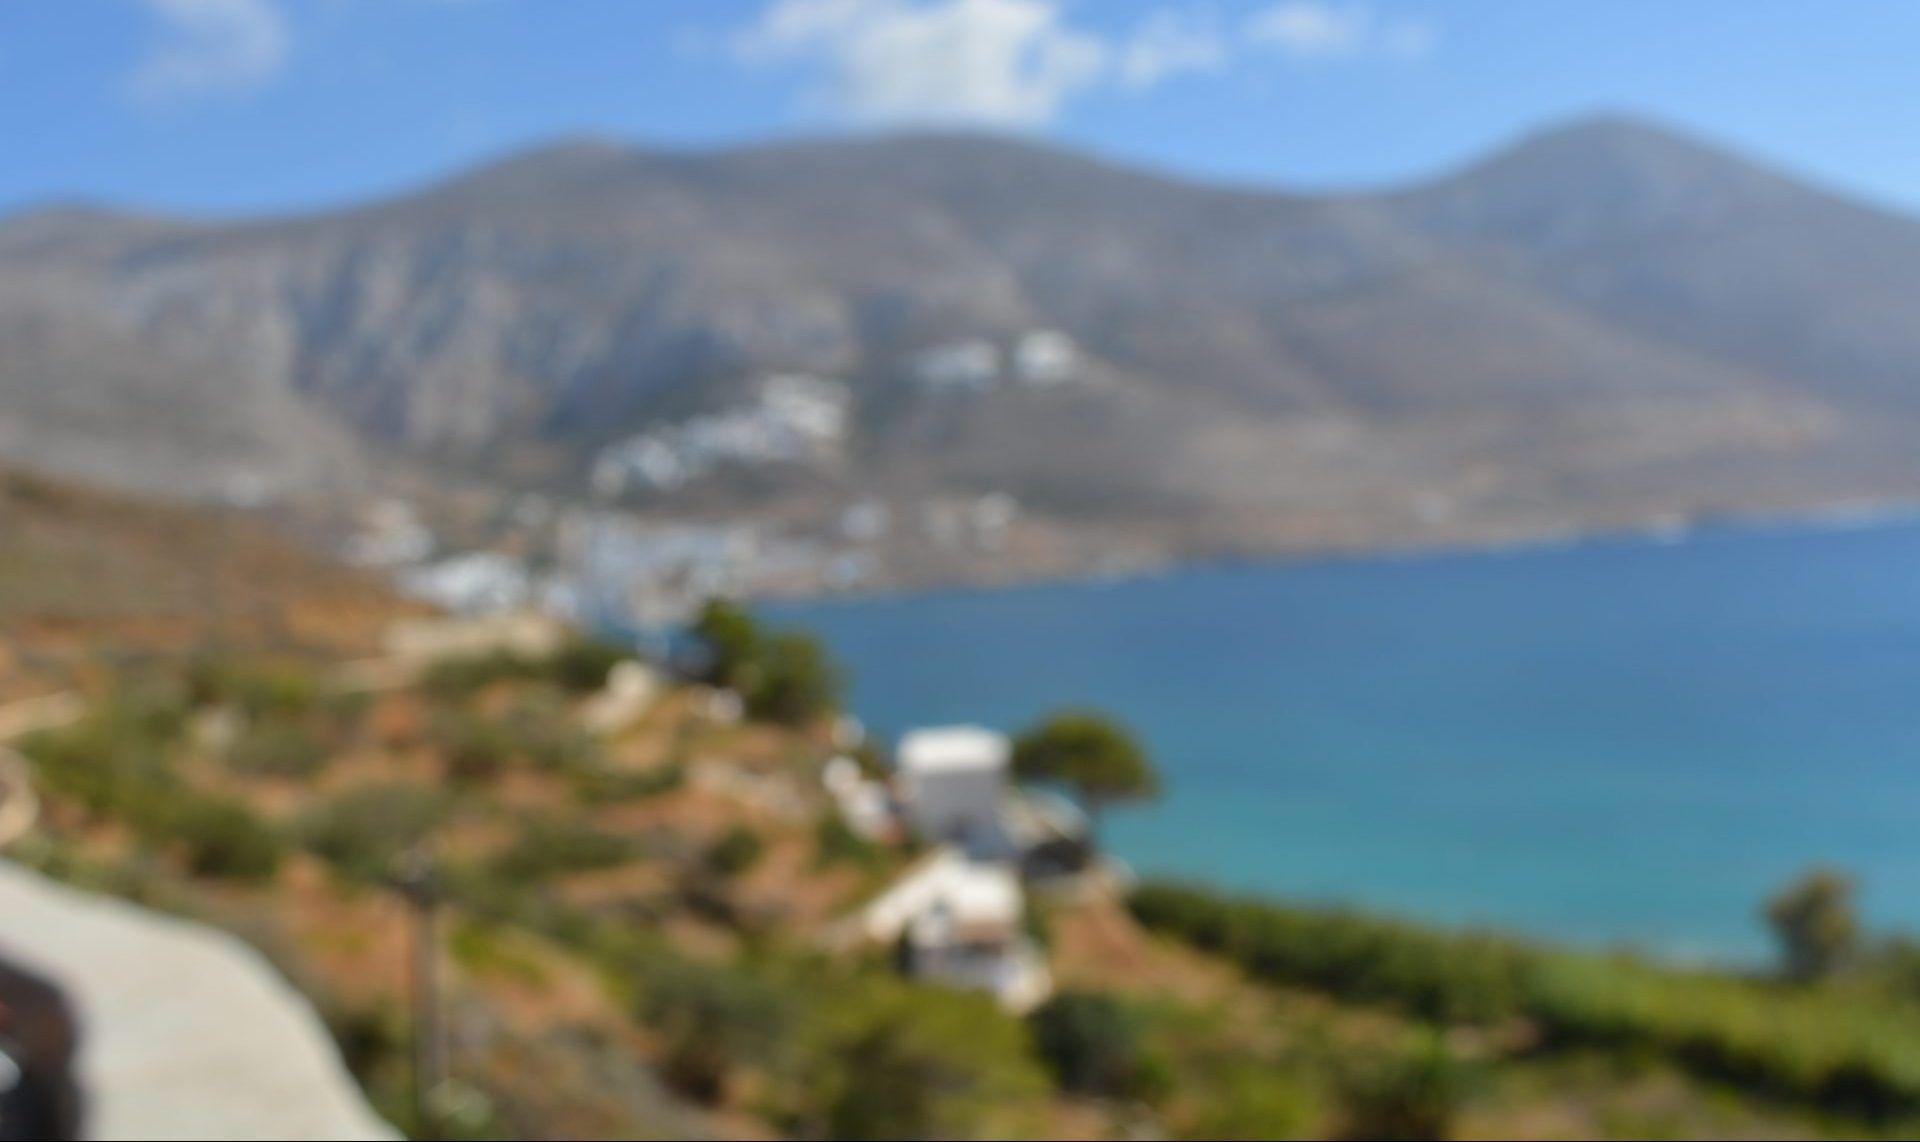 Τεχνικές φωτογραφίας travelshare.gr blur